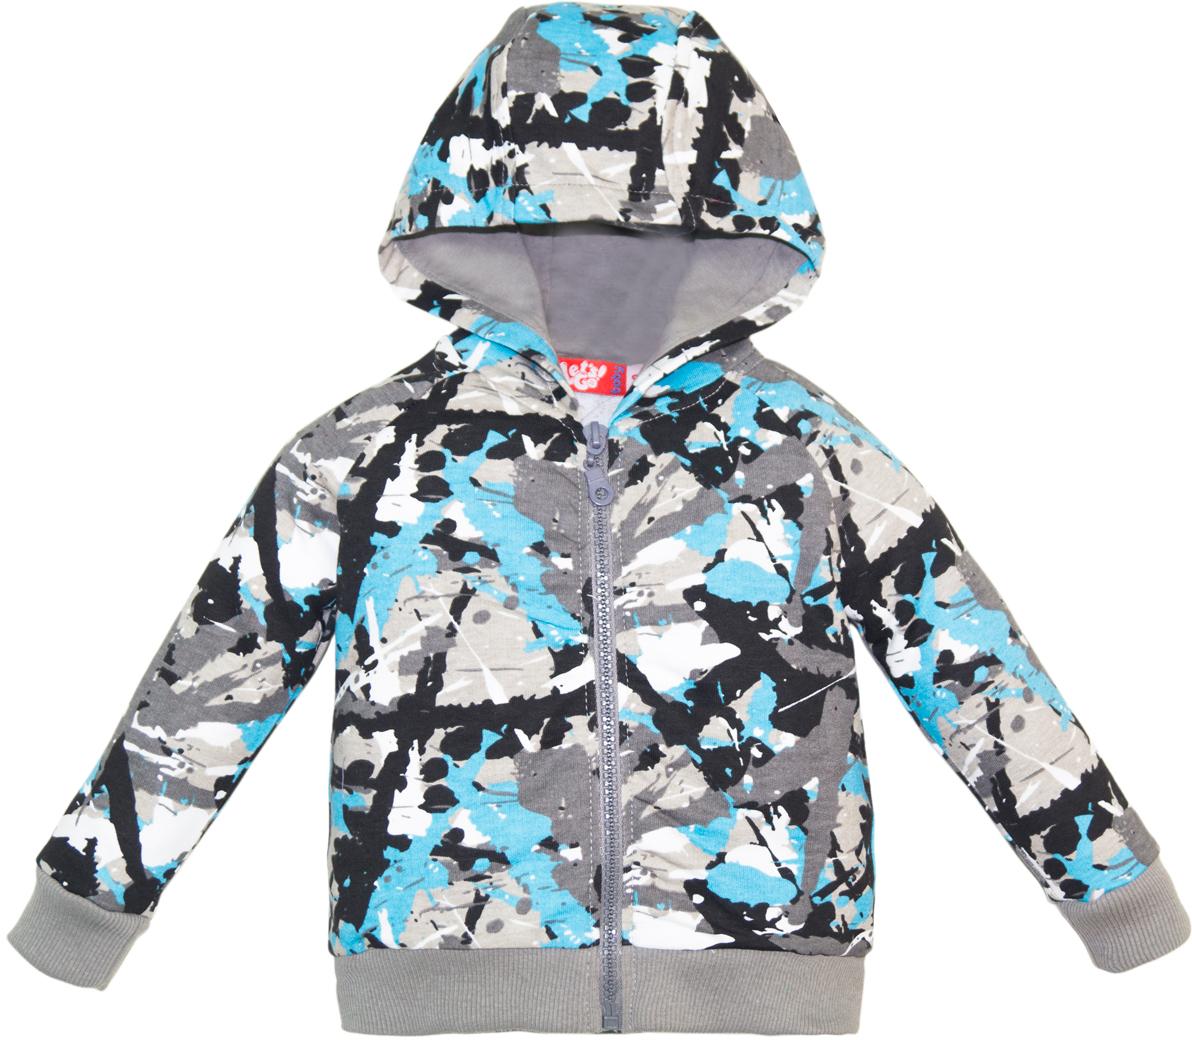 Джемпер для мальчика Lets Go, цвет: серый, голубой. 6231. Размер 866231